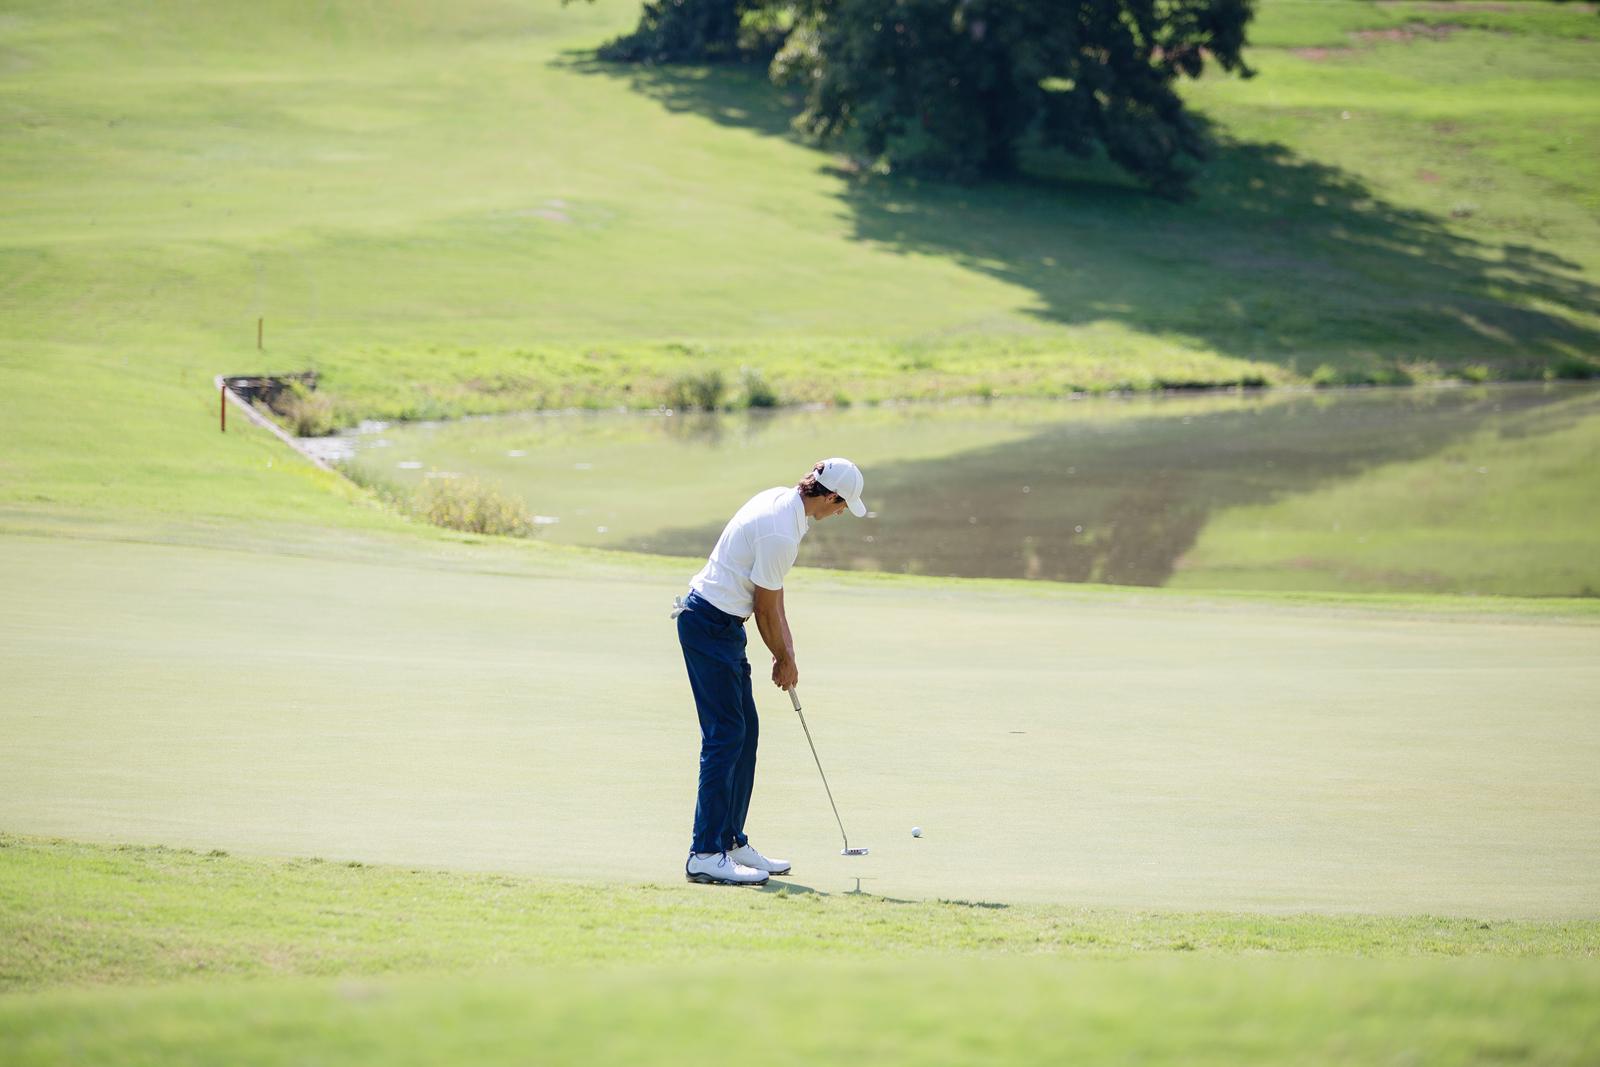 Bryan Park Golf Club